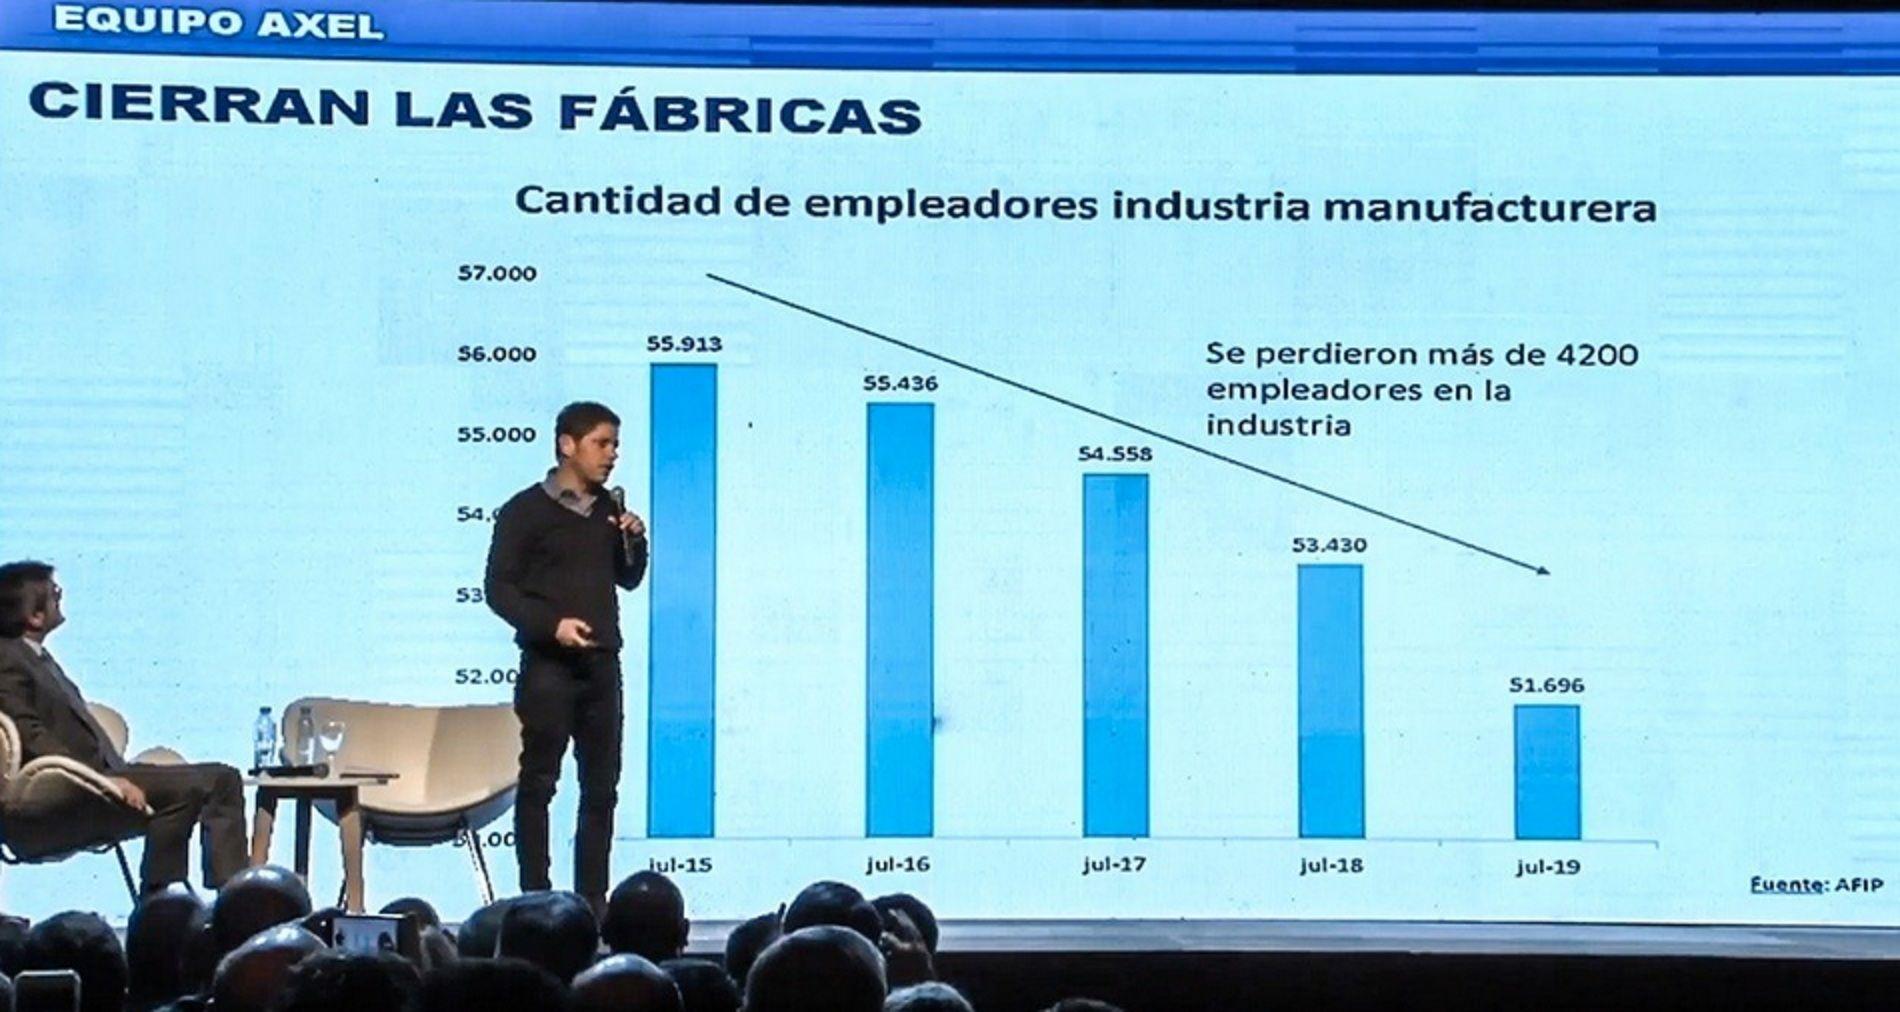 Axel Kicillof en el Congreso Industrial Pyme: Desde el primer día tuvieron como objetivo bajar los salarios